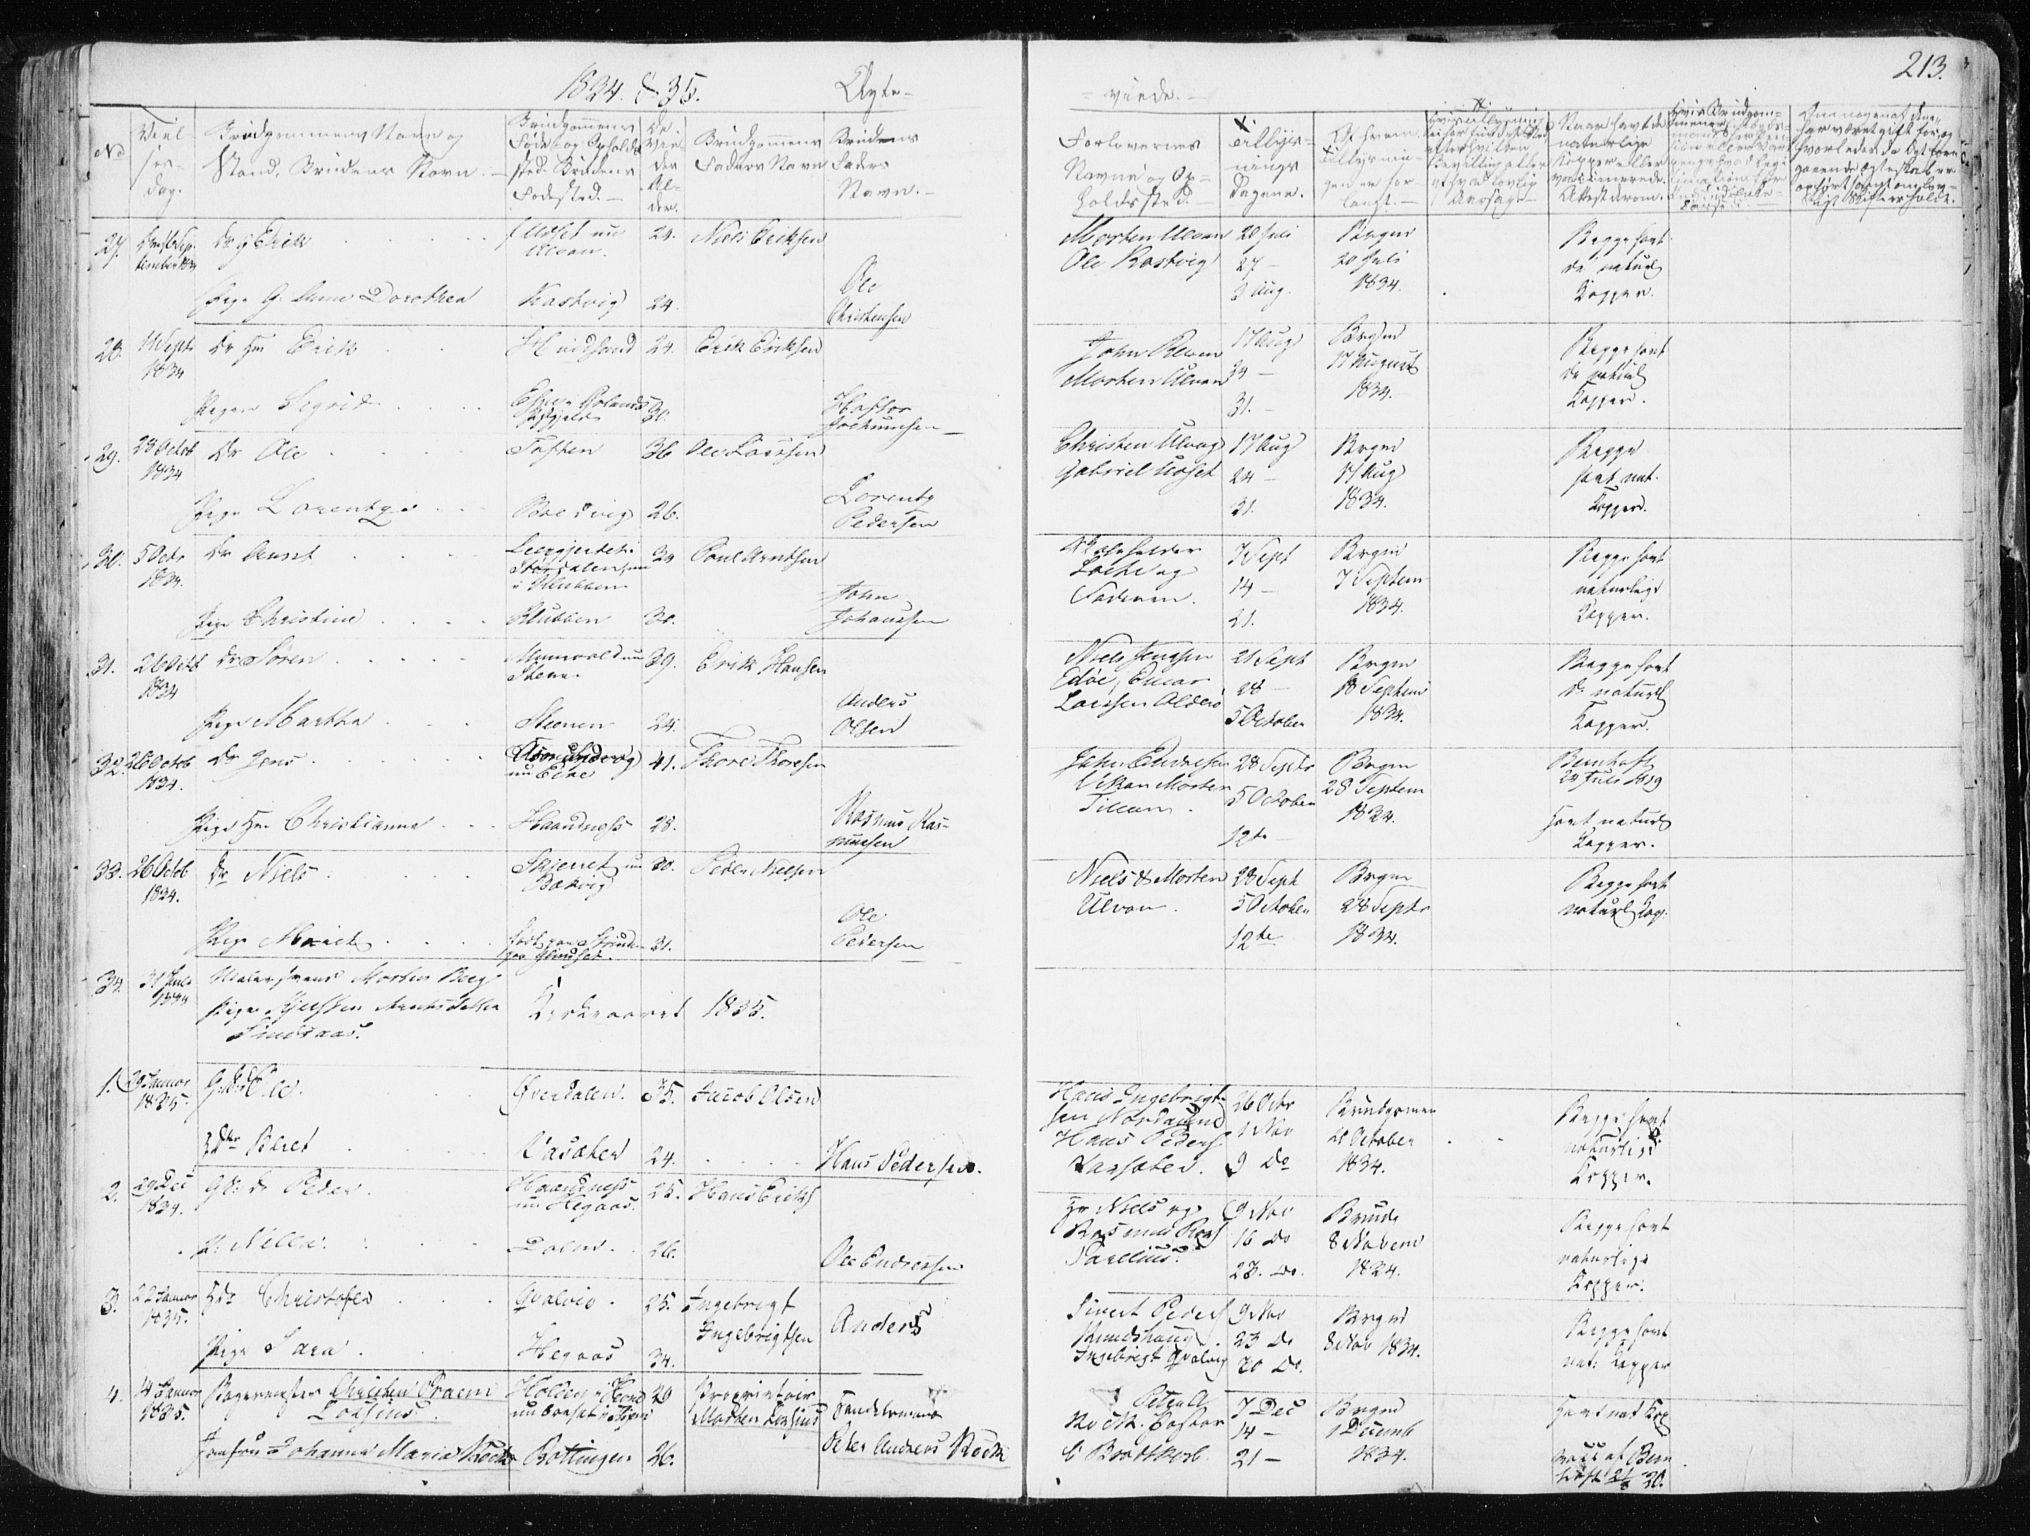 SAT, Ministerialprotokoller, klokkerbøker og fødselsregistre - Sør-Trøndelag, 634/L0528: Ministerialbok nr. 634A04, 1827-1842, s. 213